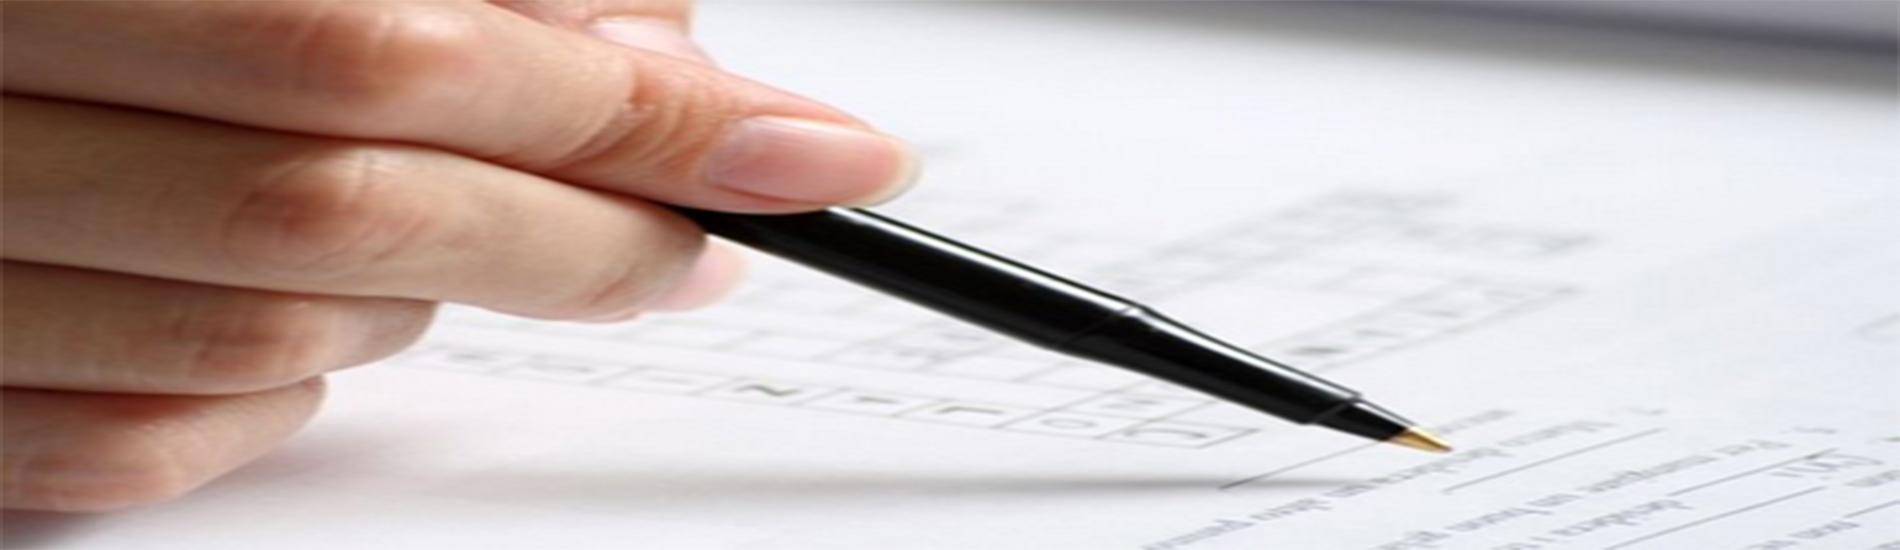 برنامج الإمتحانات التعويضية معدل